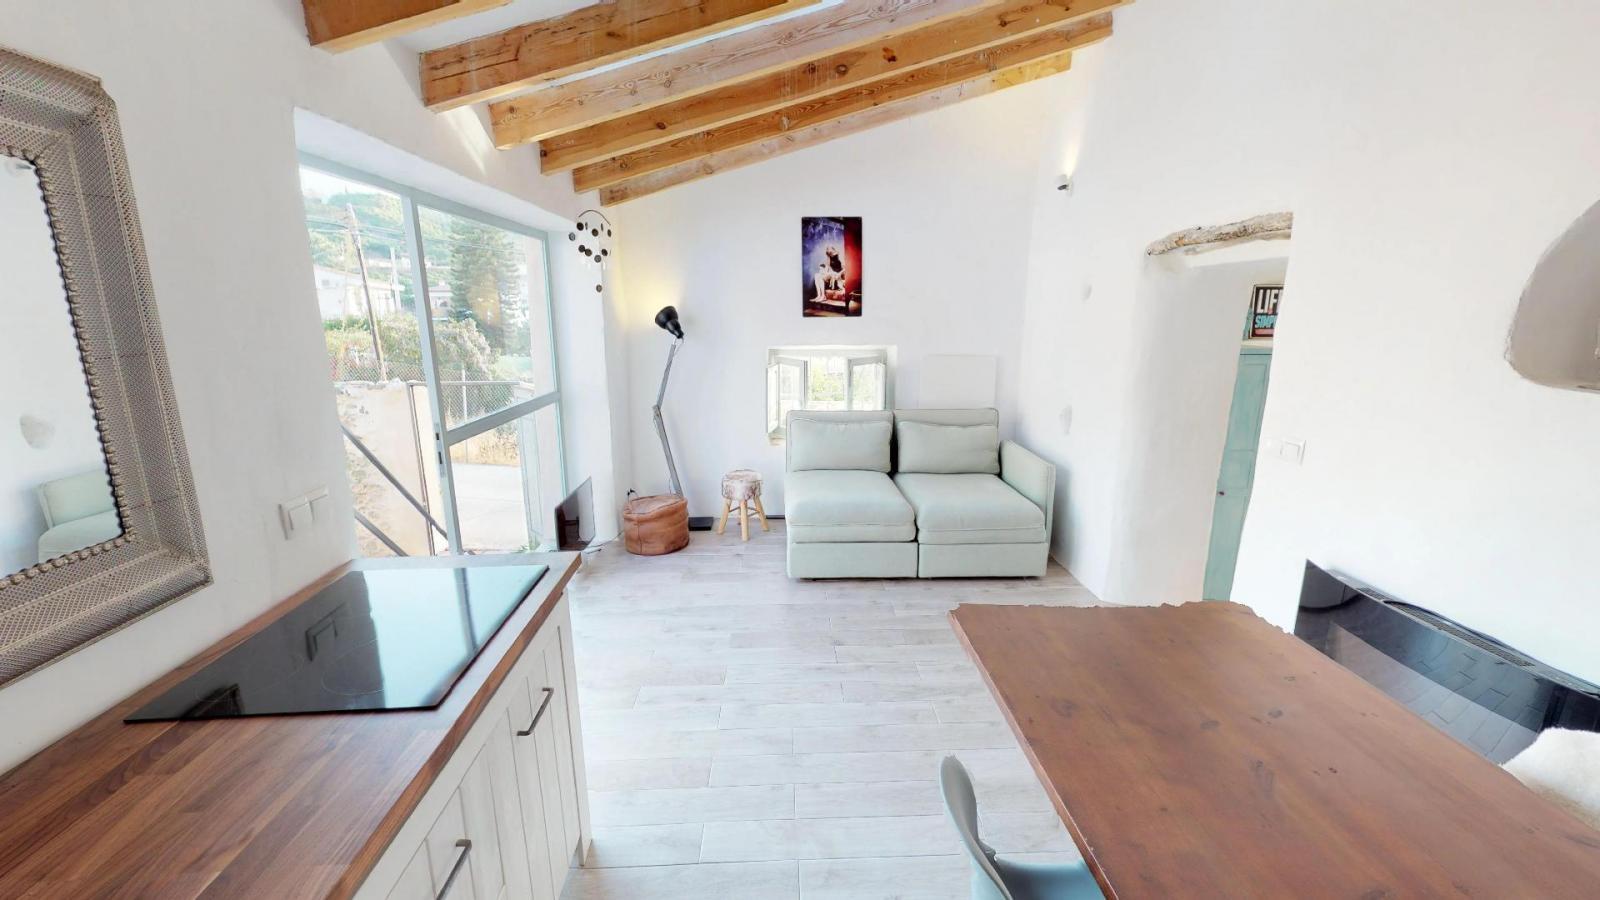 39564418 3303414 foto 984688 - Vida al aire libre en esta encantadora casa de pueblo en Velez-Málaga